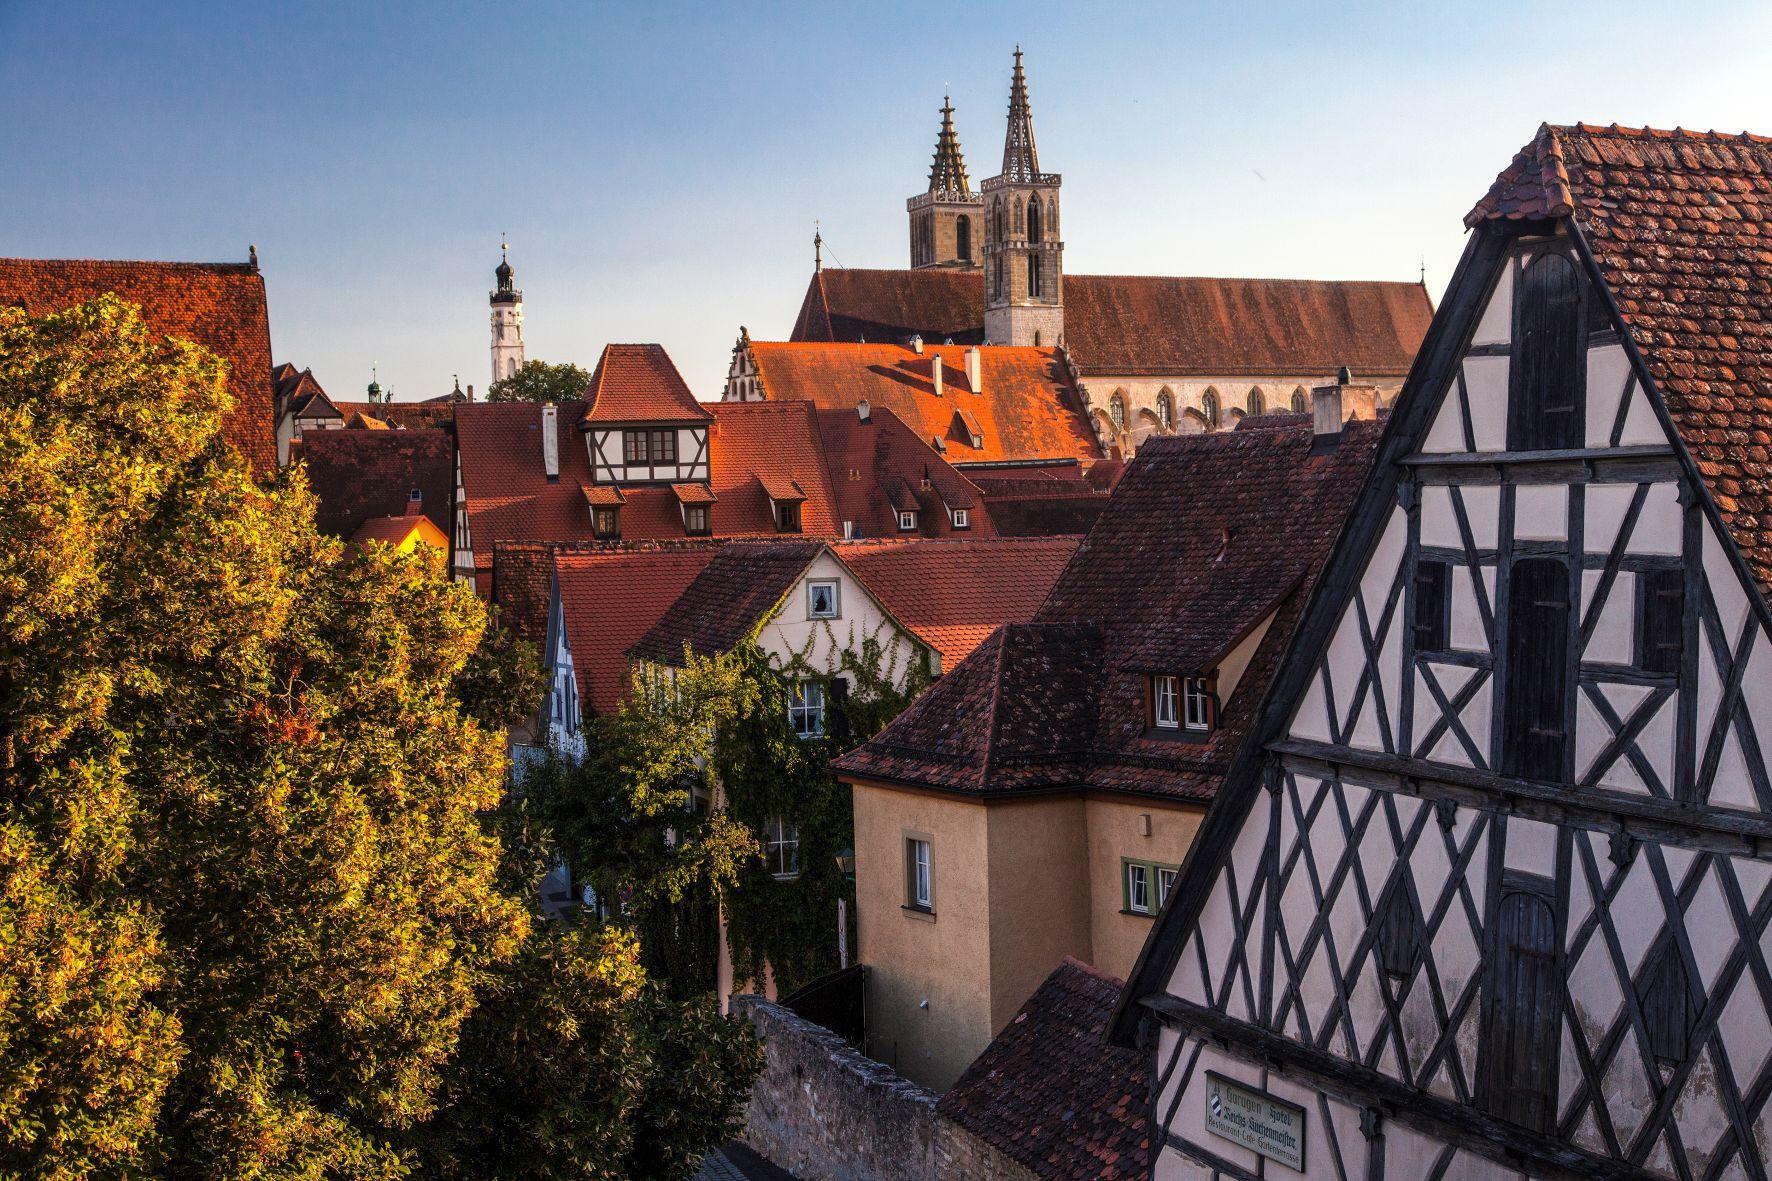 Eine Kleinstadt zum Verlieben / Rothenburg ob der Tauber ist weltberühmt für seine intakte mittelalterliche Altstadt und die vollständig erhaltene Stadtmauer.  Bildnachweis: www.radweg-reisen.com